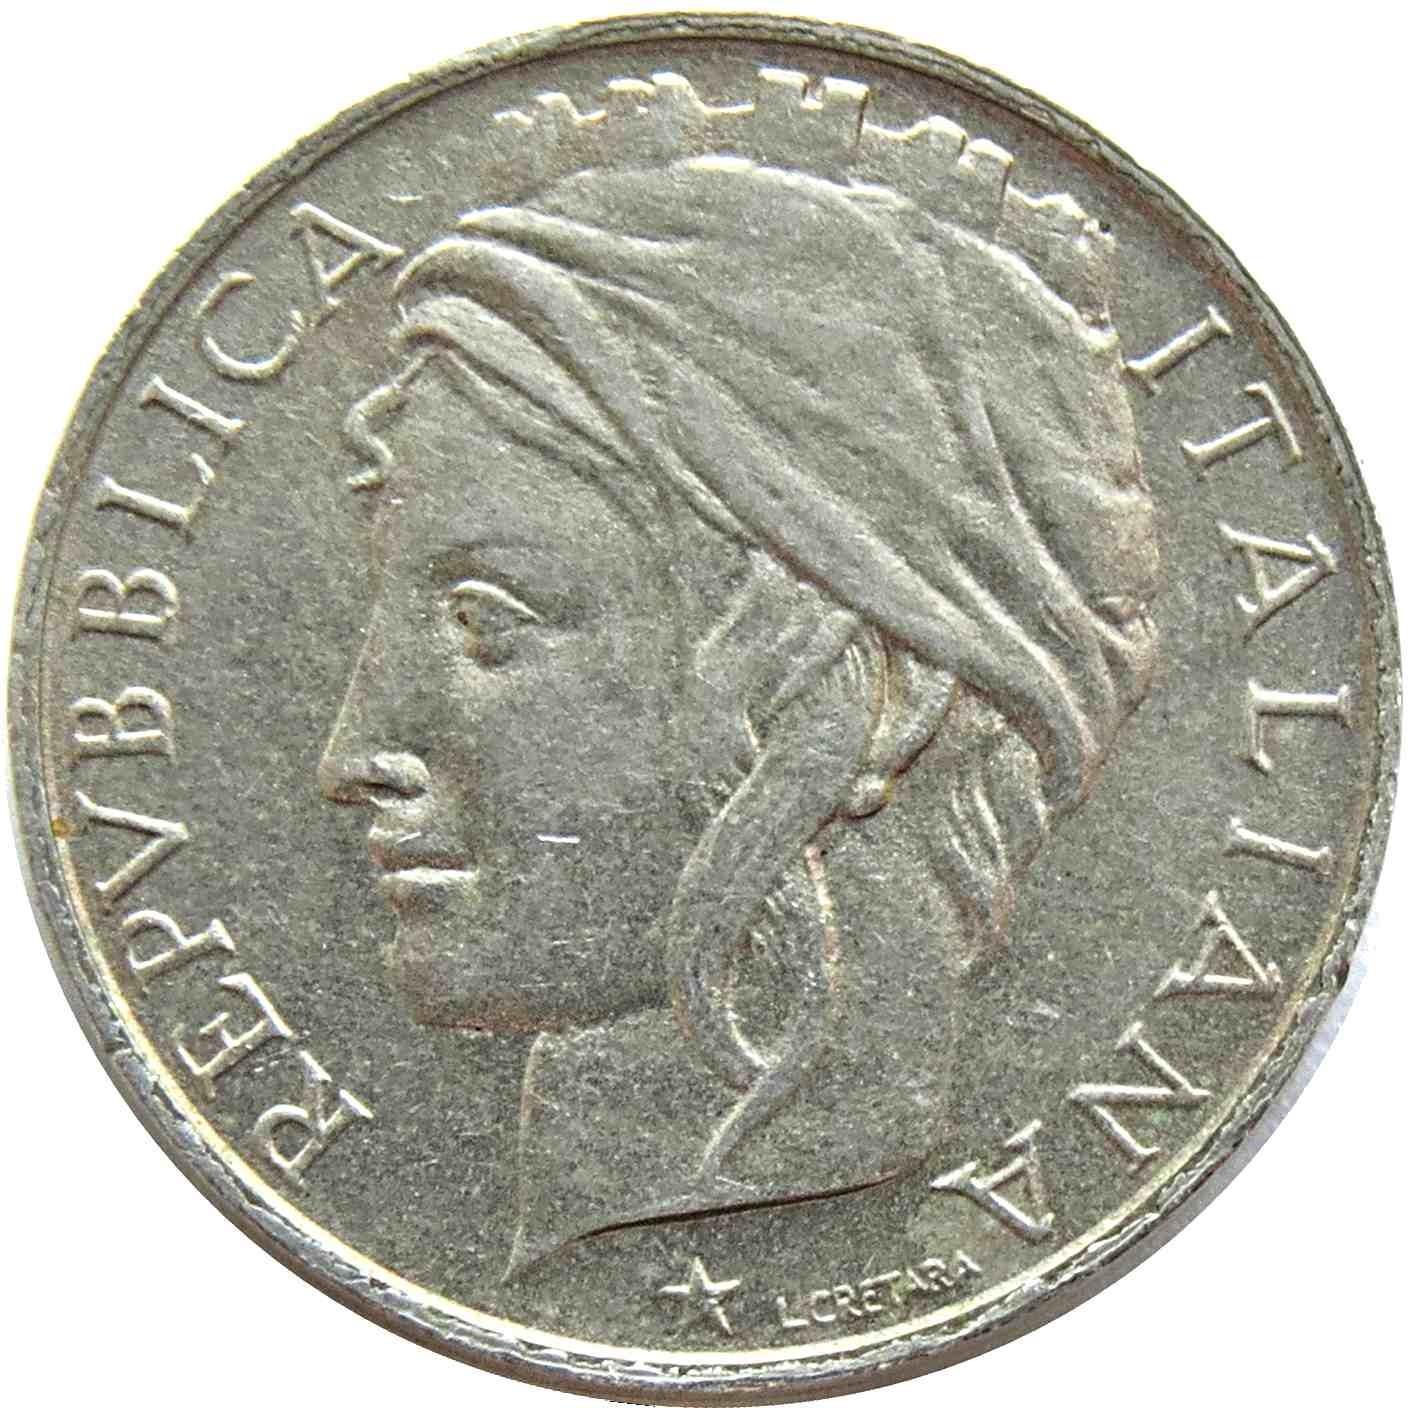 Italy 50 Lire (1996-2001)